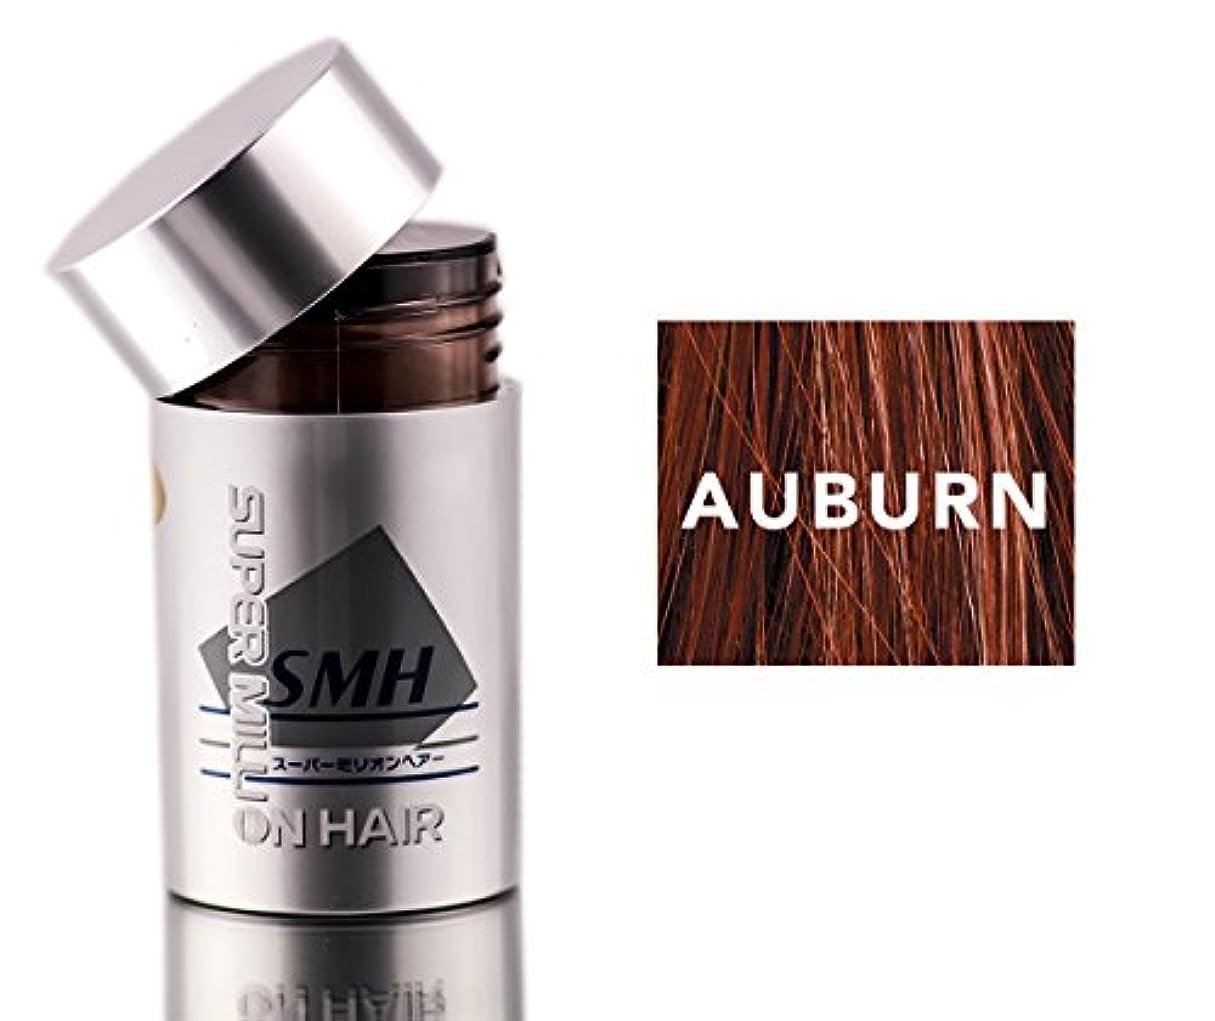 複製する属性透けるSuper Million Hair 強化繊維が20gr。 - オーバーン